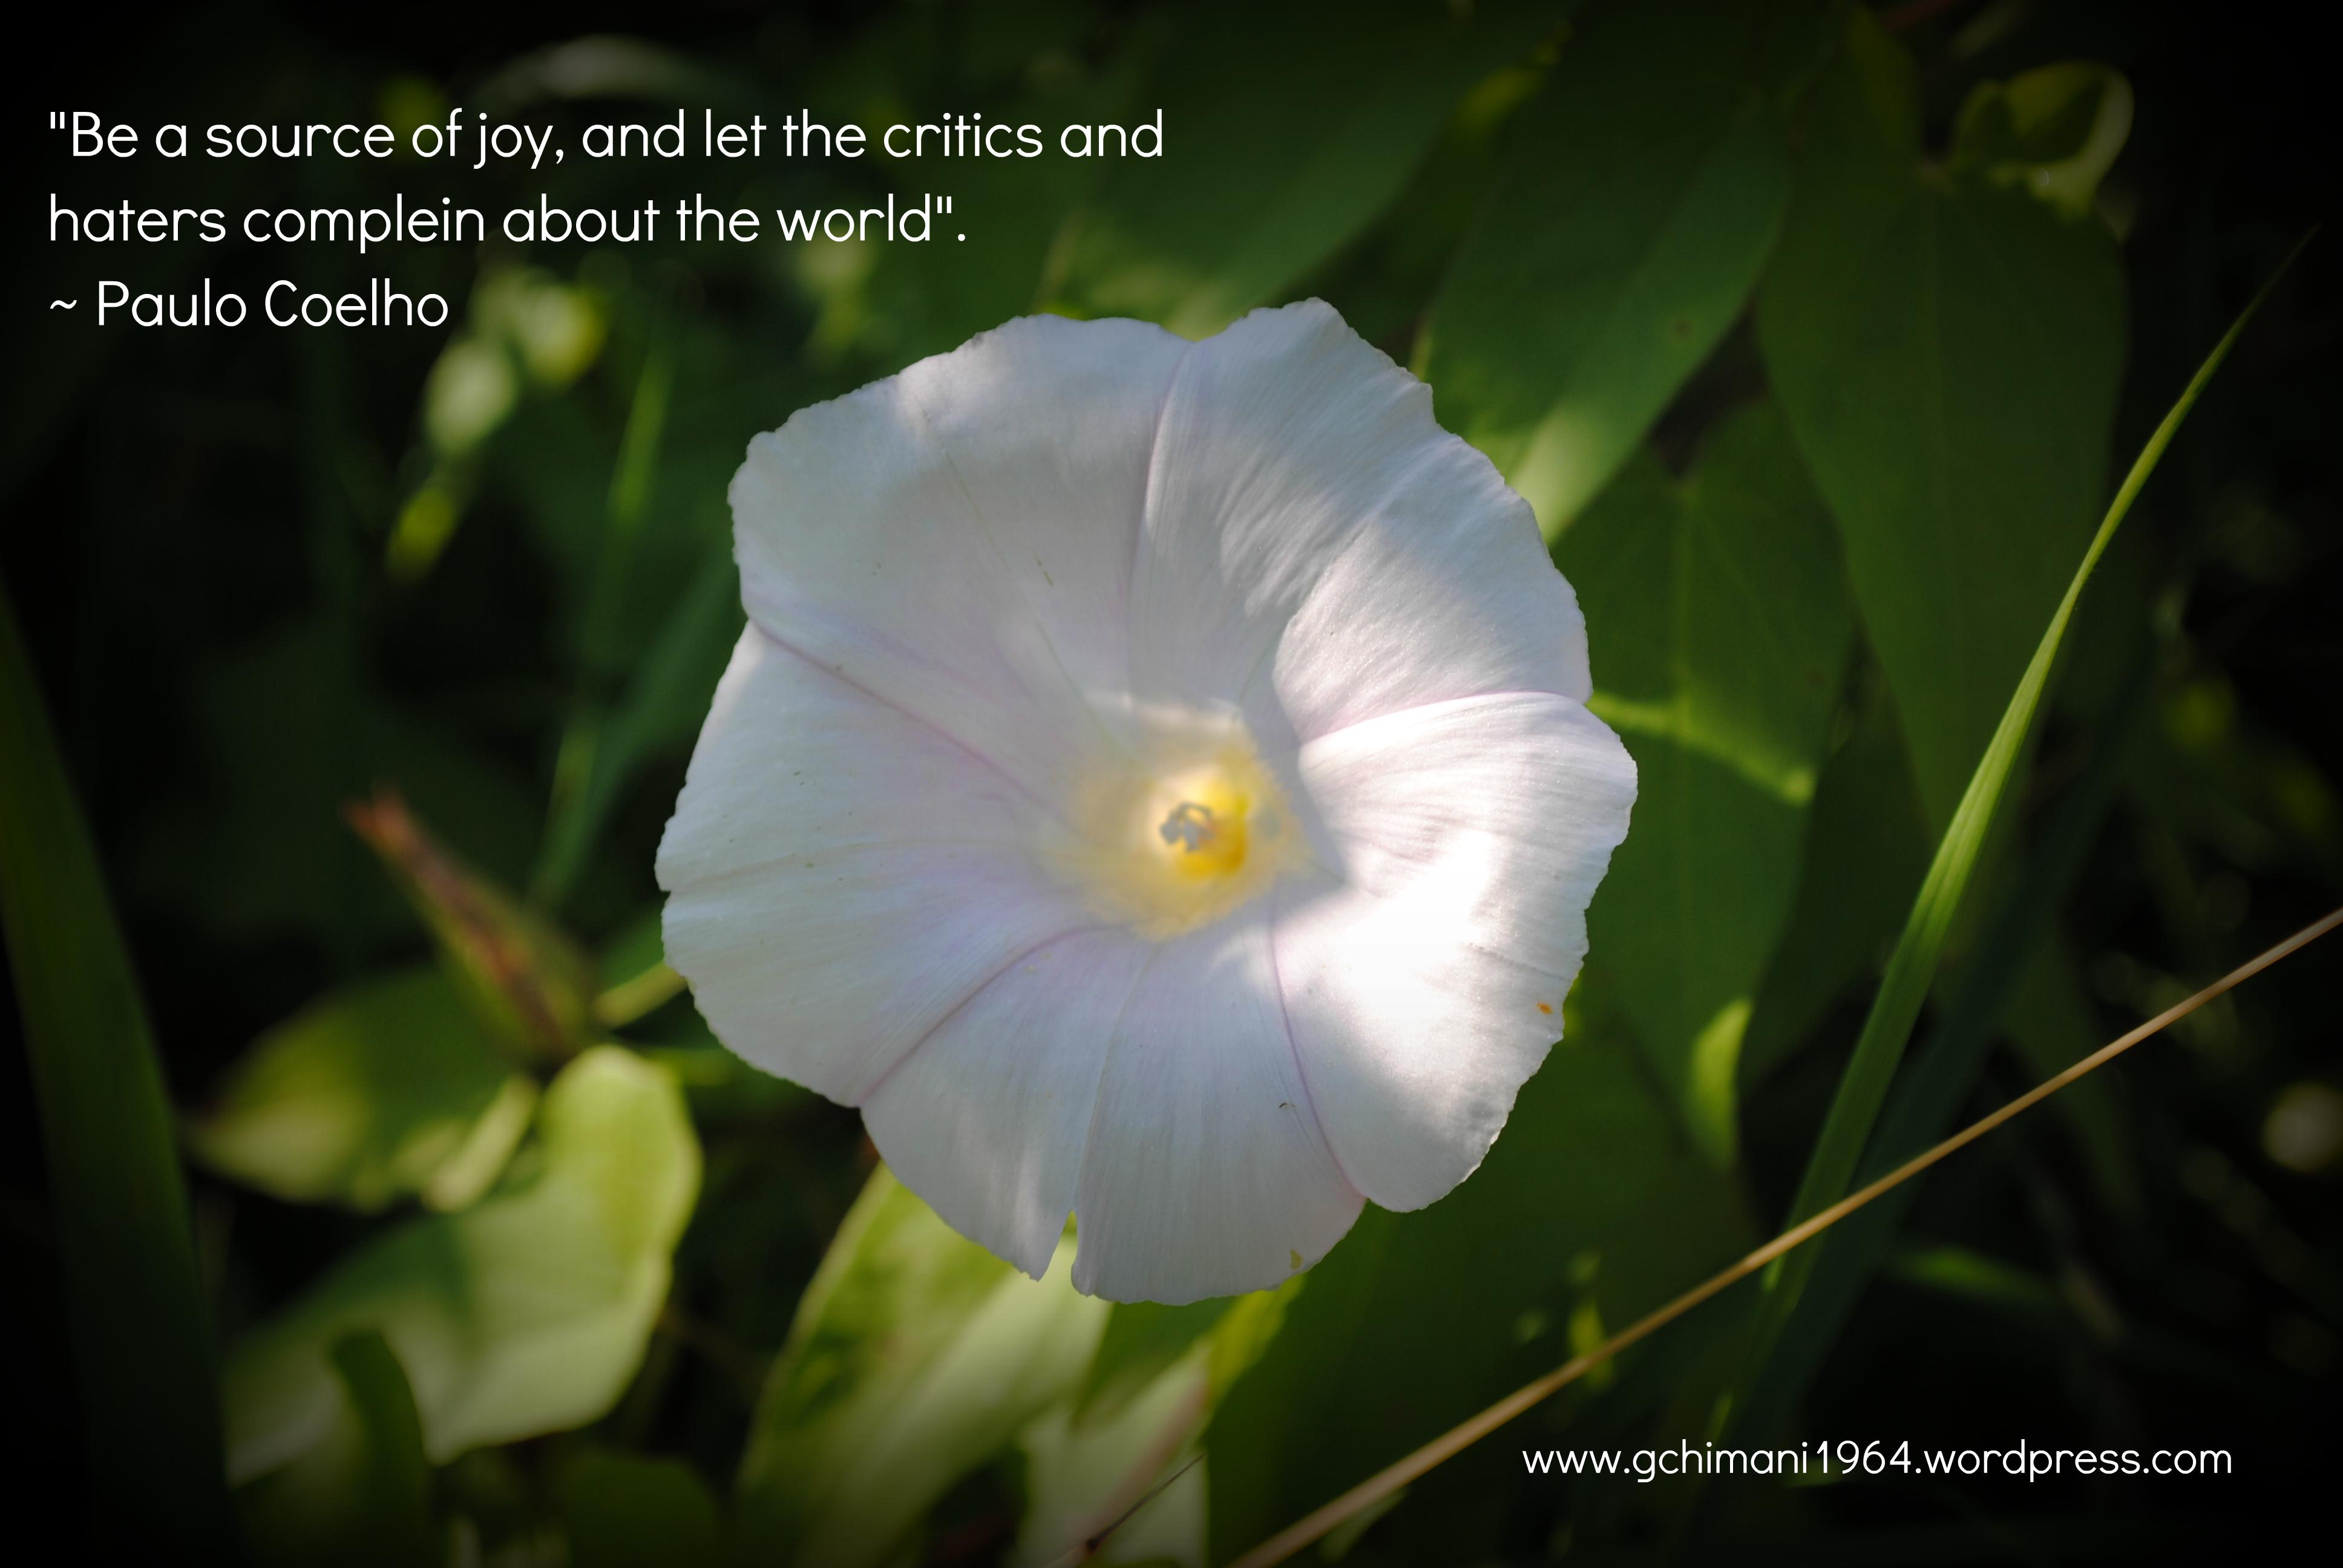 Paulo Coelho's quote #1